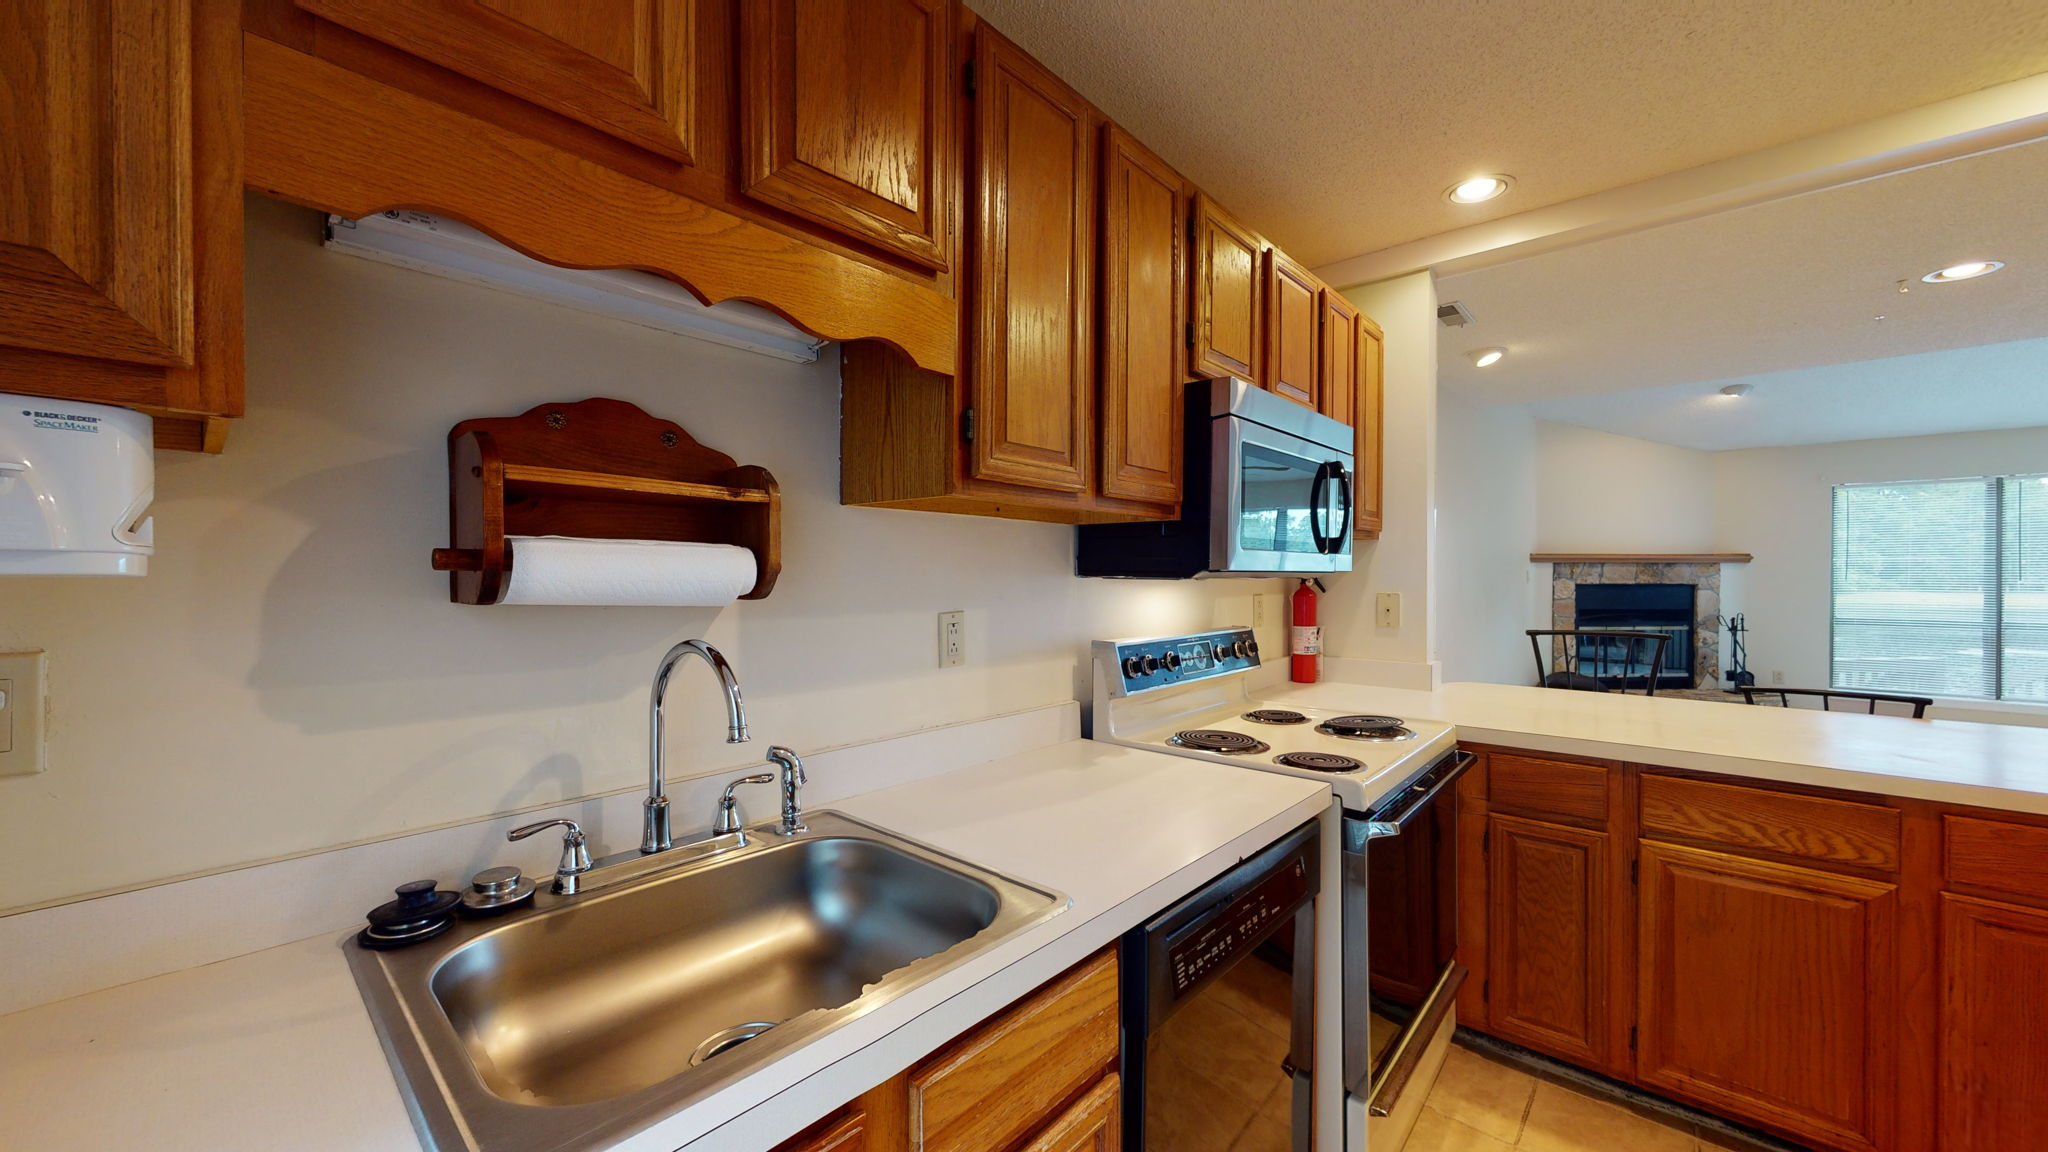 7501 Windward Dr, New Bern, NC 28560, USA Photo 19